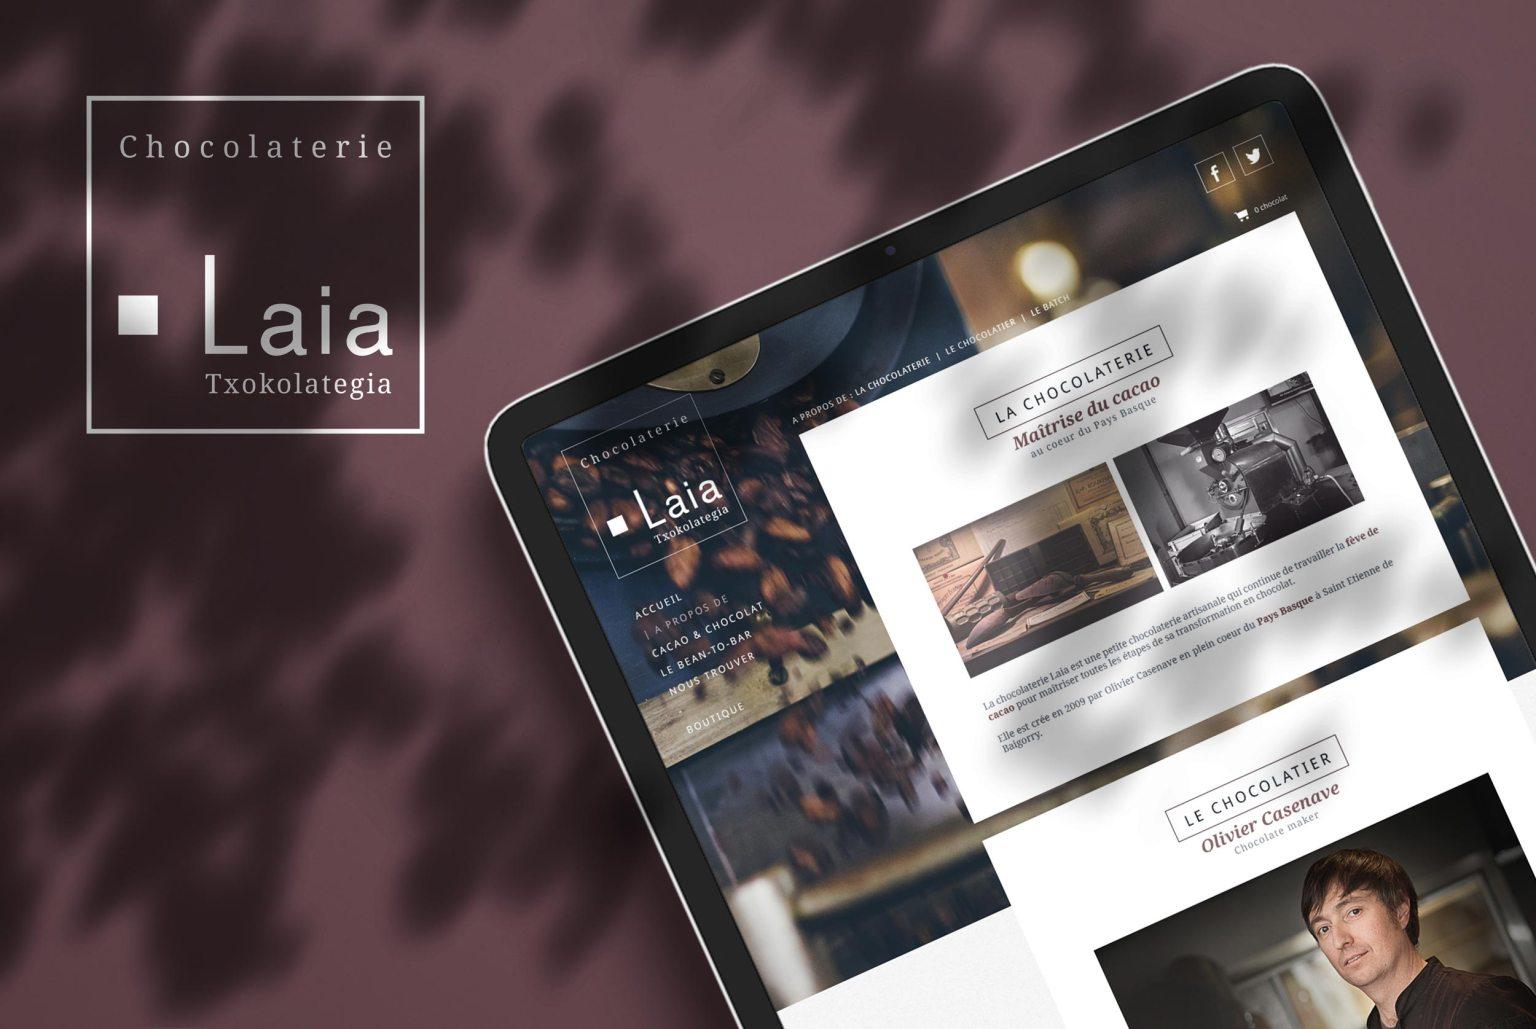 Laia - création de site internet, boutique en ligne artisan chocolatier Pays Basque - ecommerce